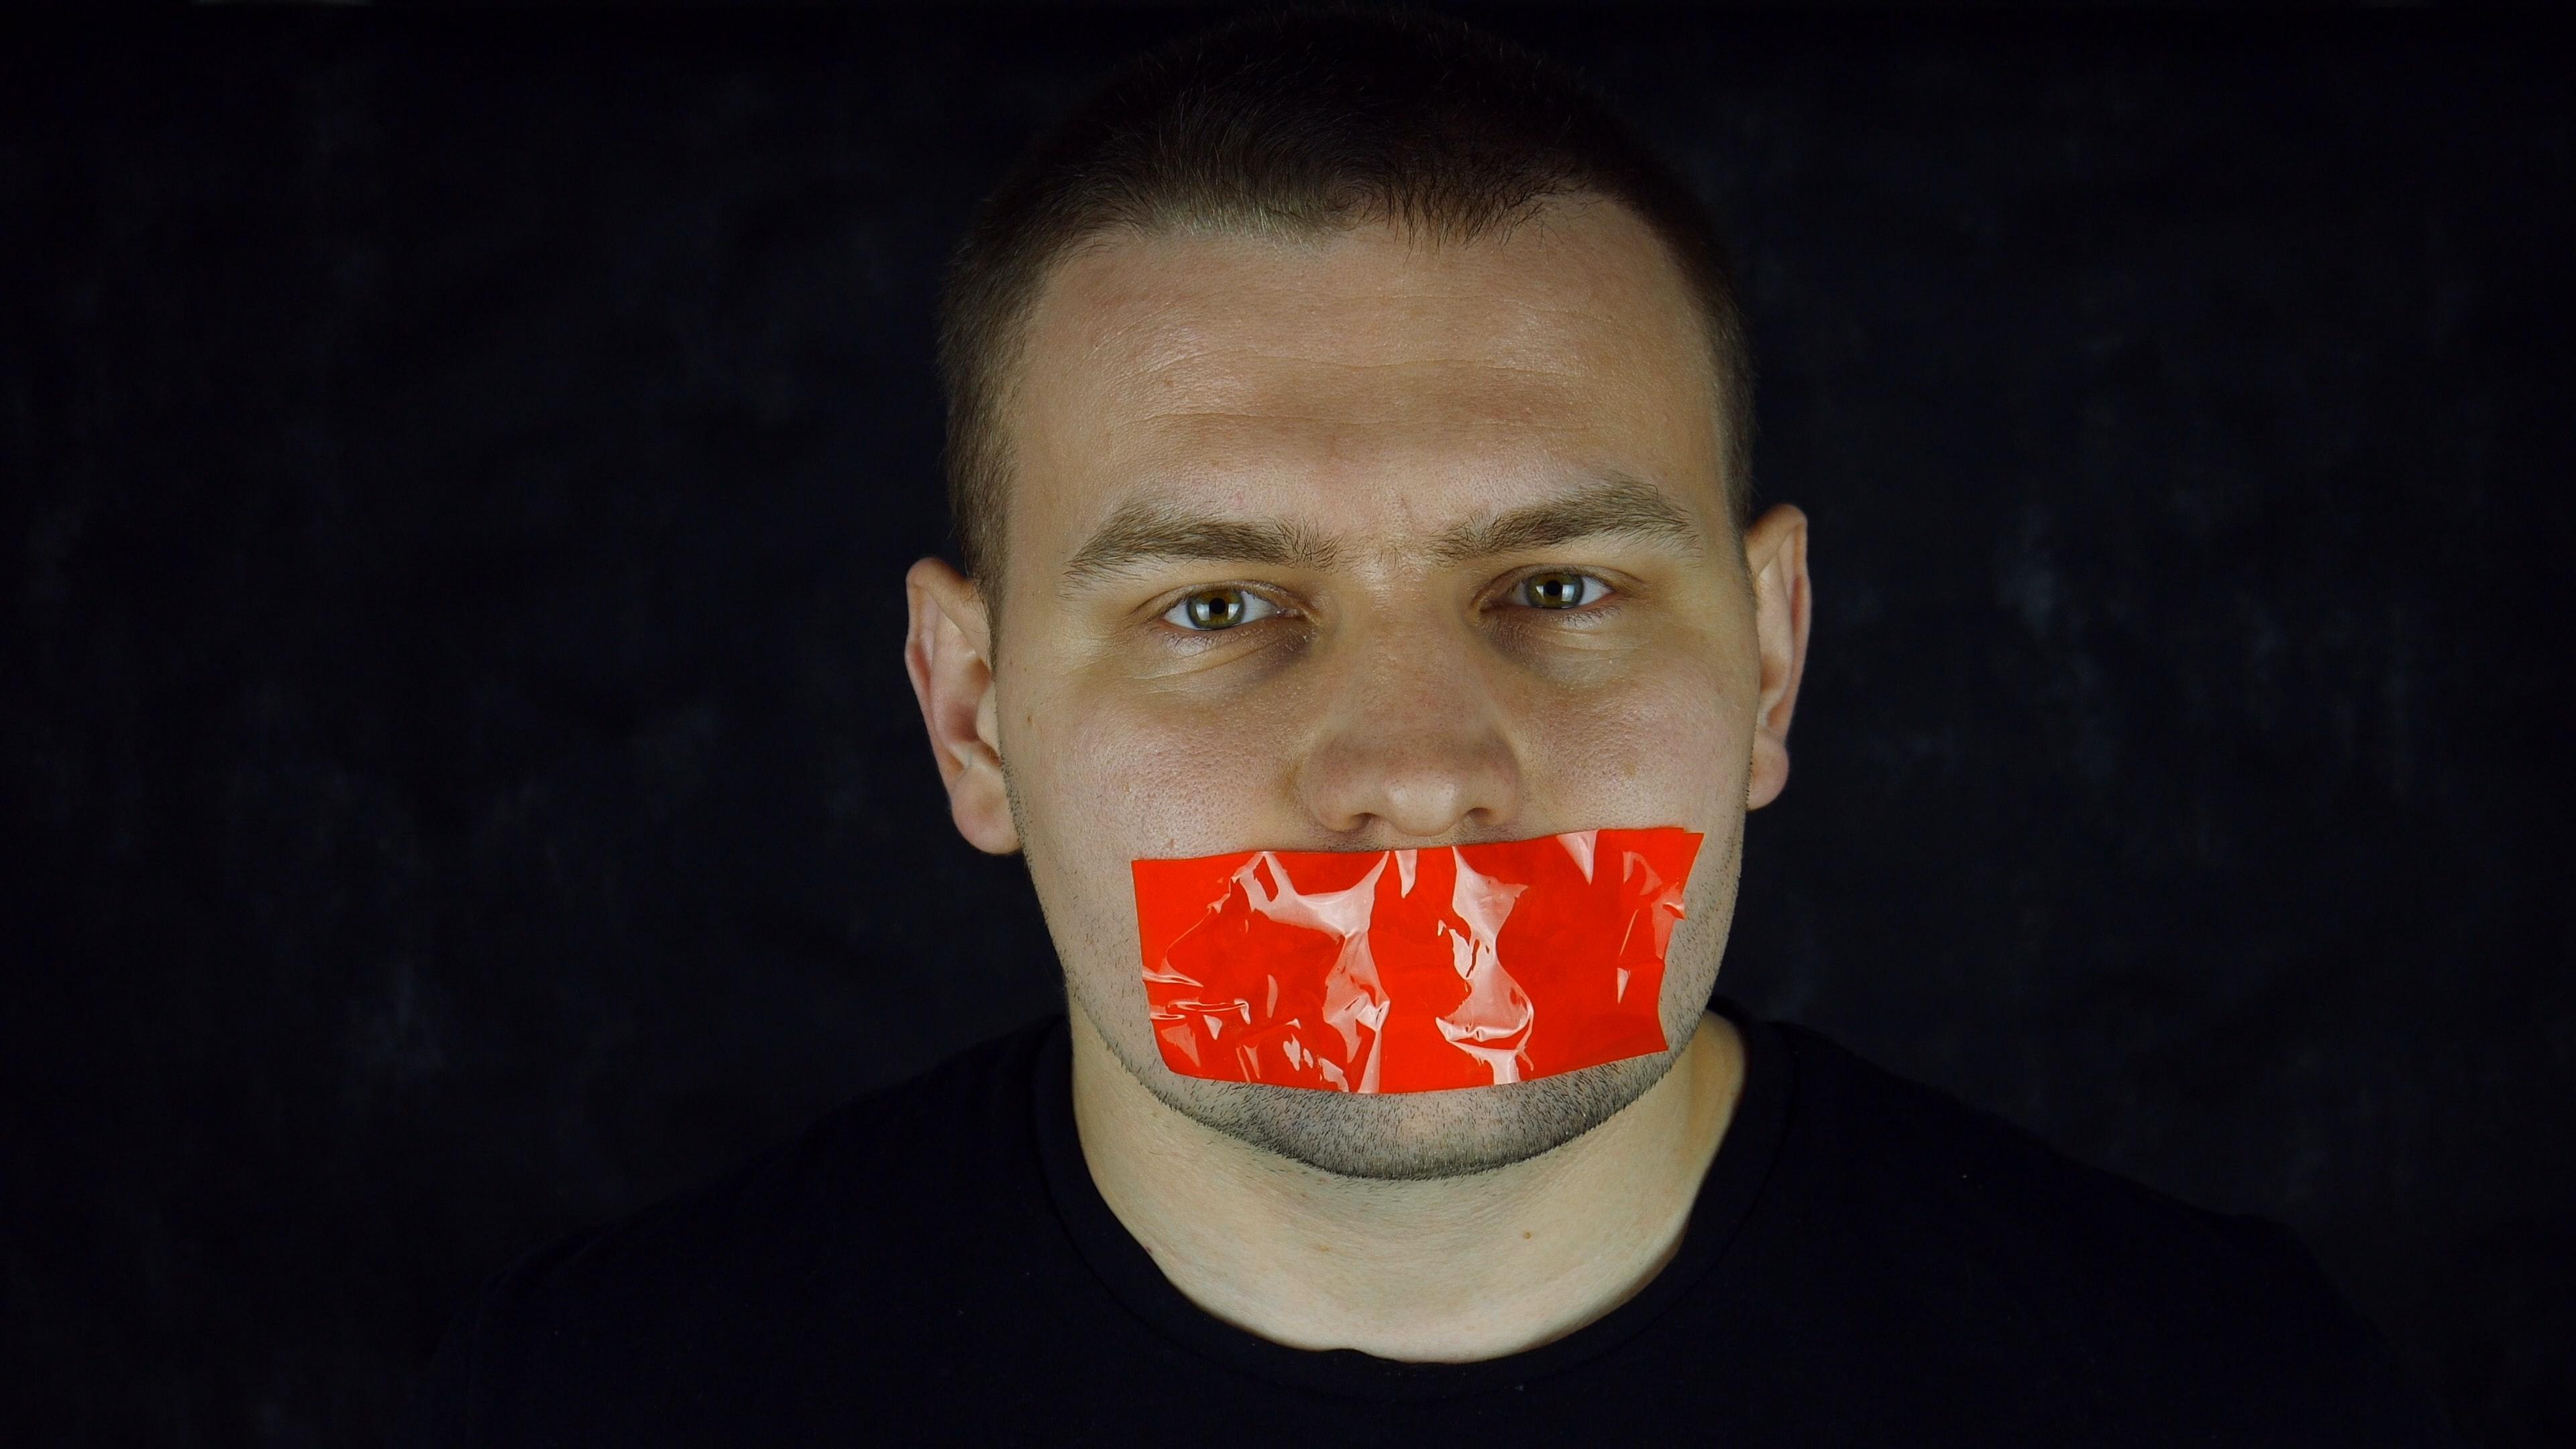 Фото на тему отсутствия свободы слова